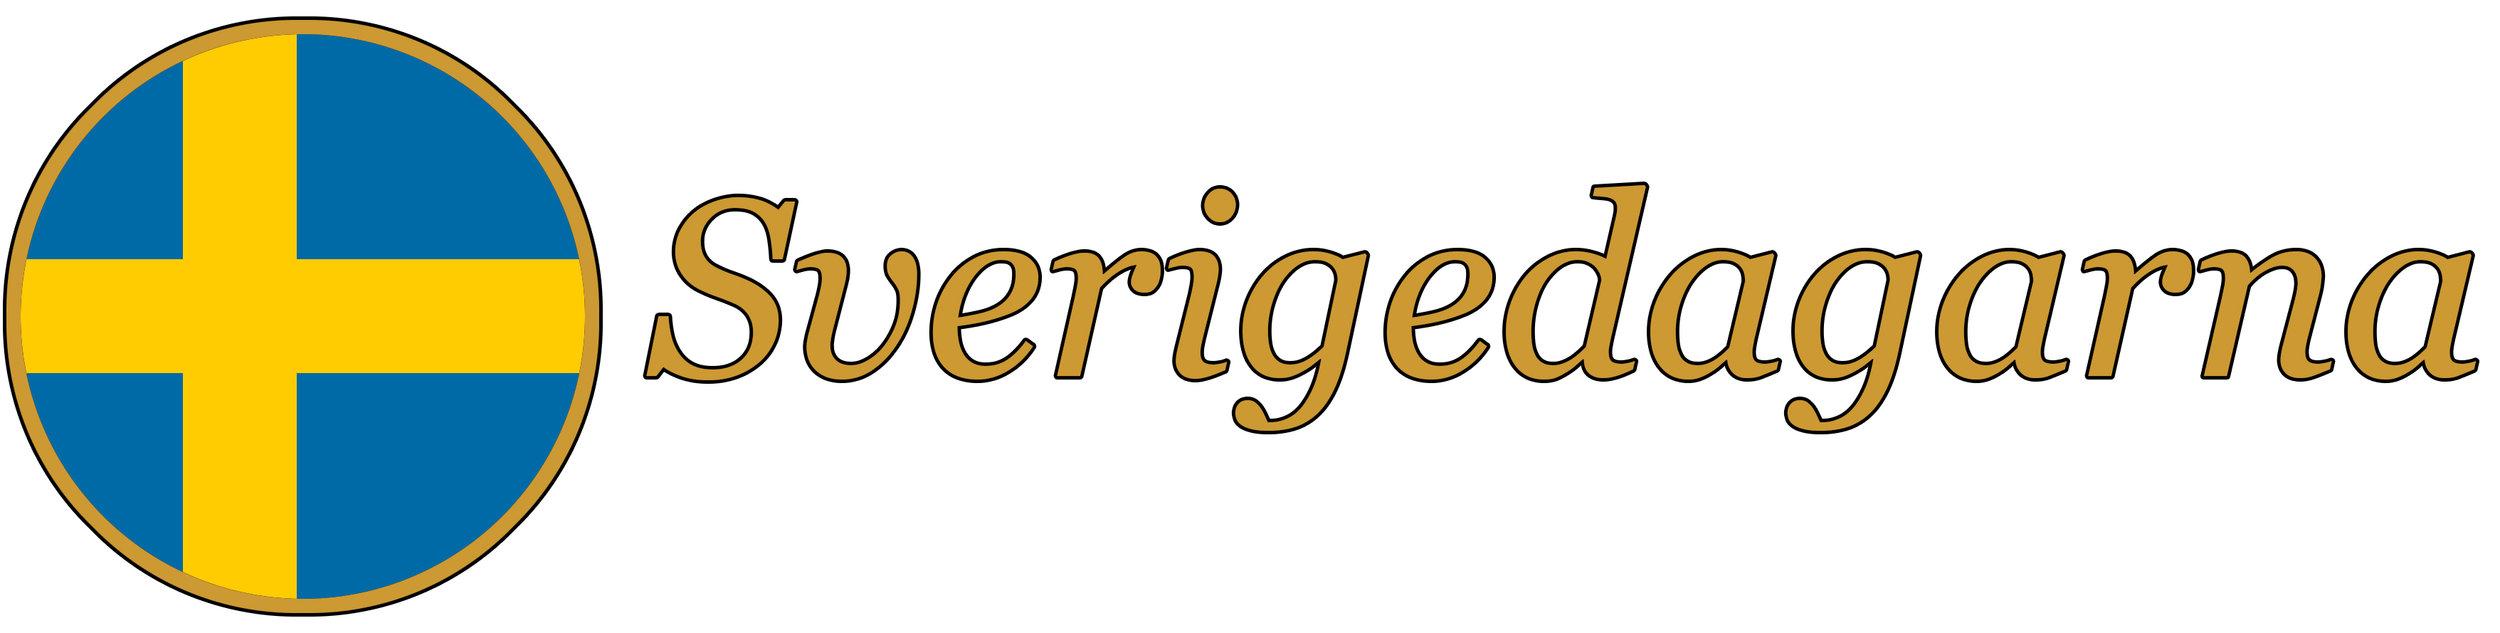 Sverigedagarna-Liggande.jpg